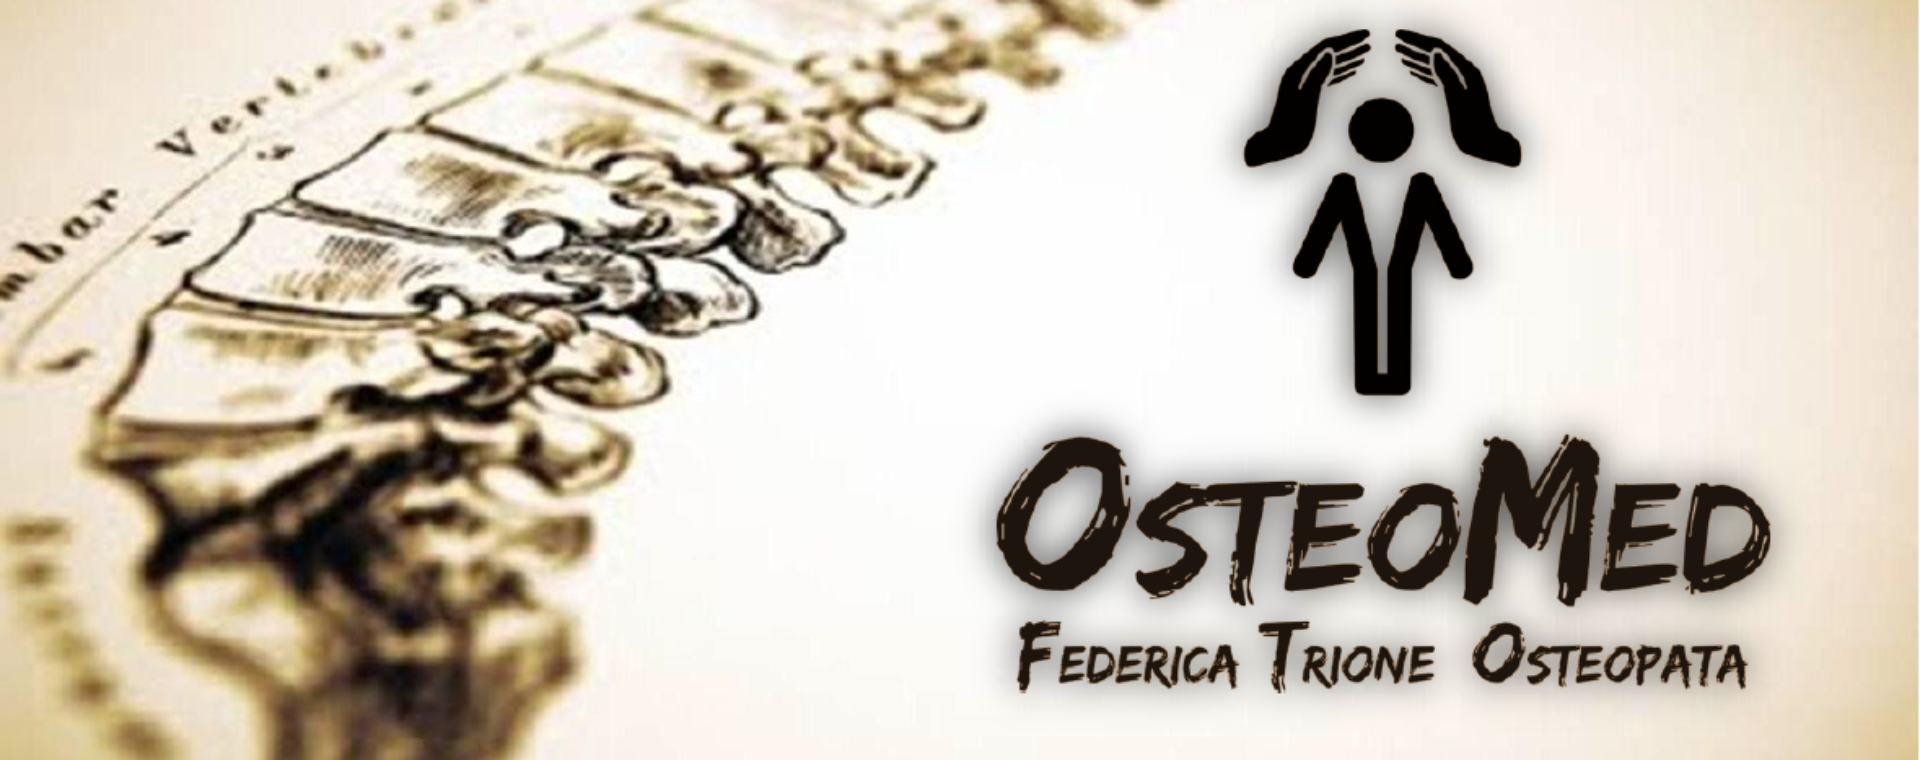 Federica Trione Osteopata